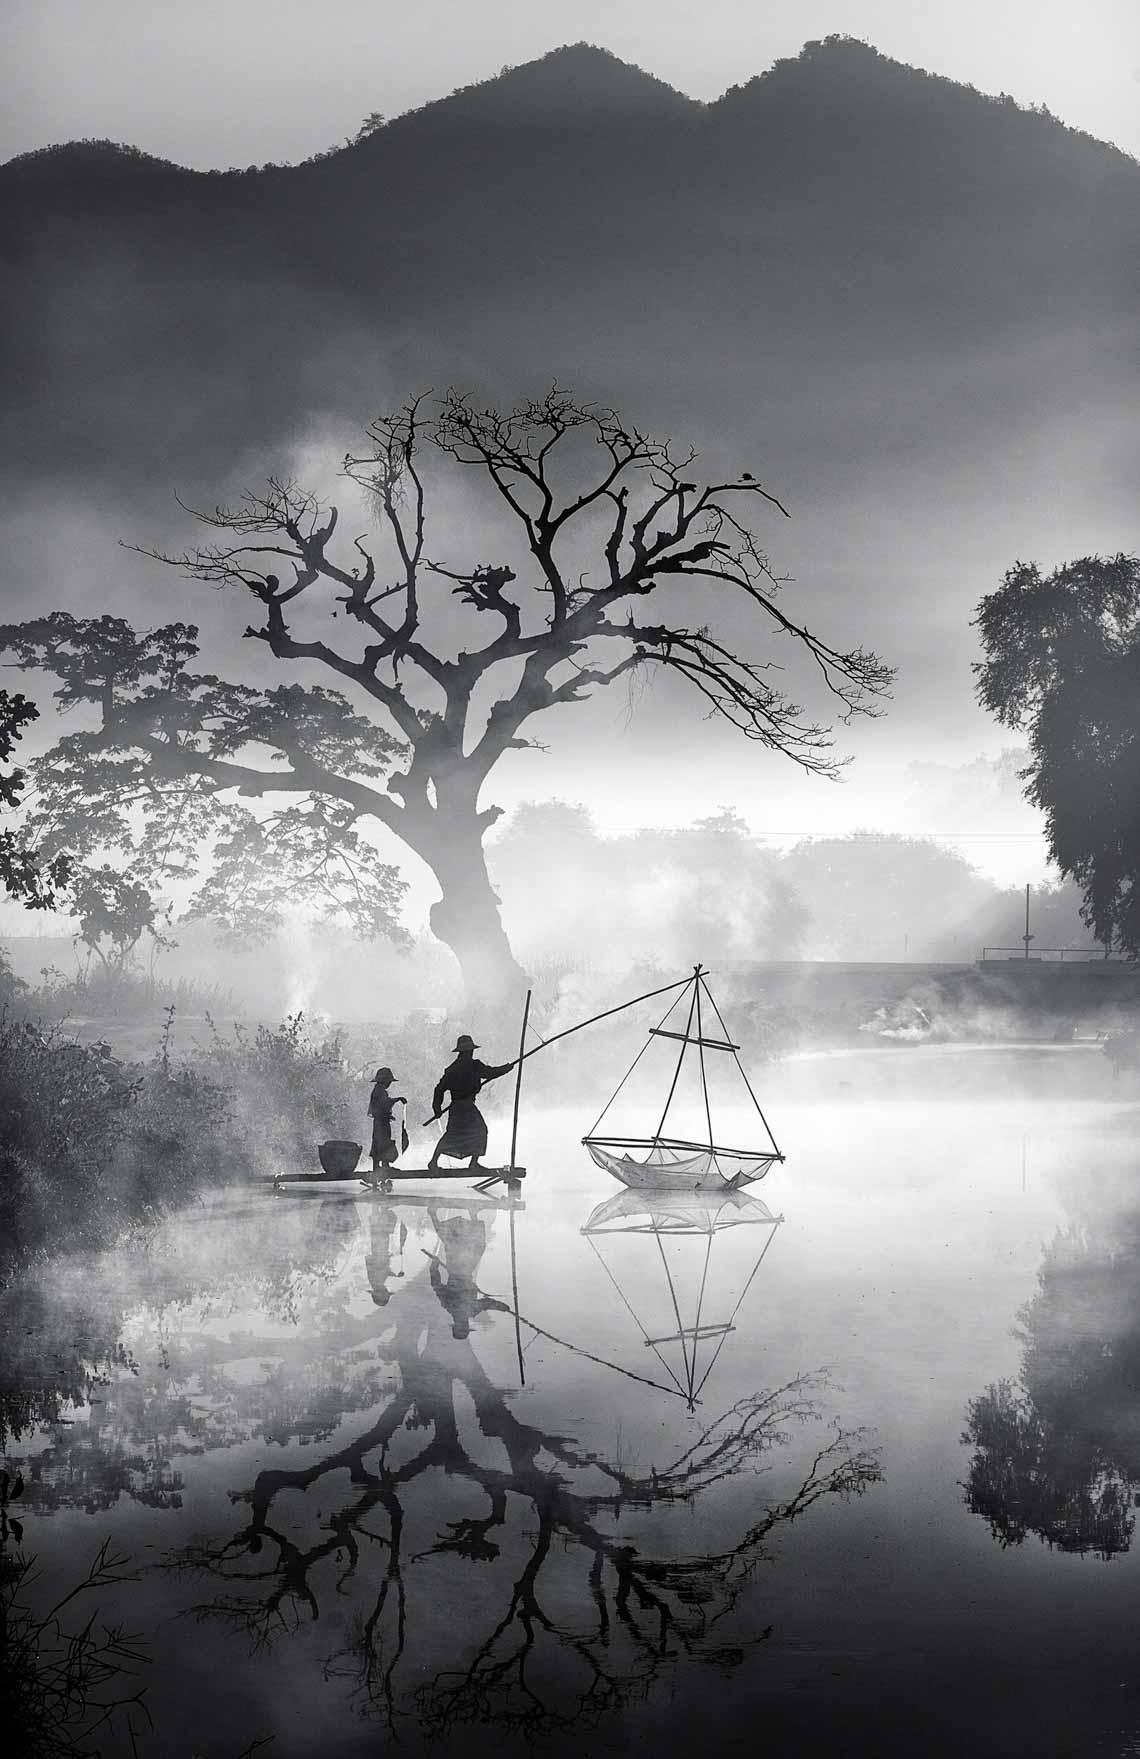 Hiệp hội Nhiếp ảnh Thế giới công bố những bức ảnh đoạt Giải thưởng Quốc gia năm 2021 - 1